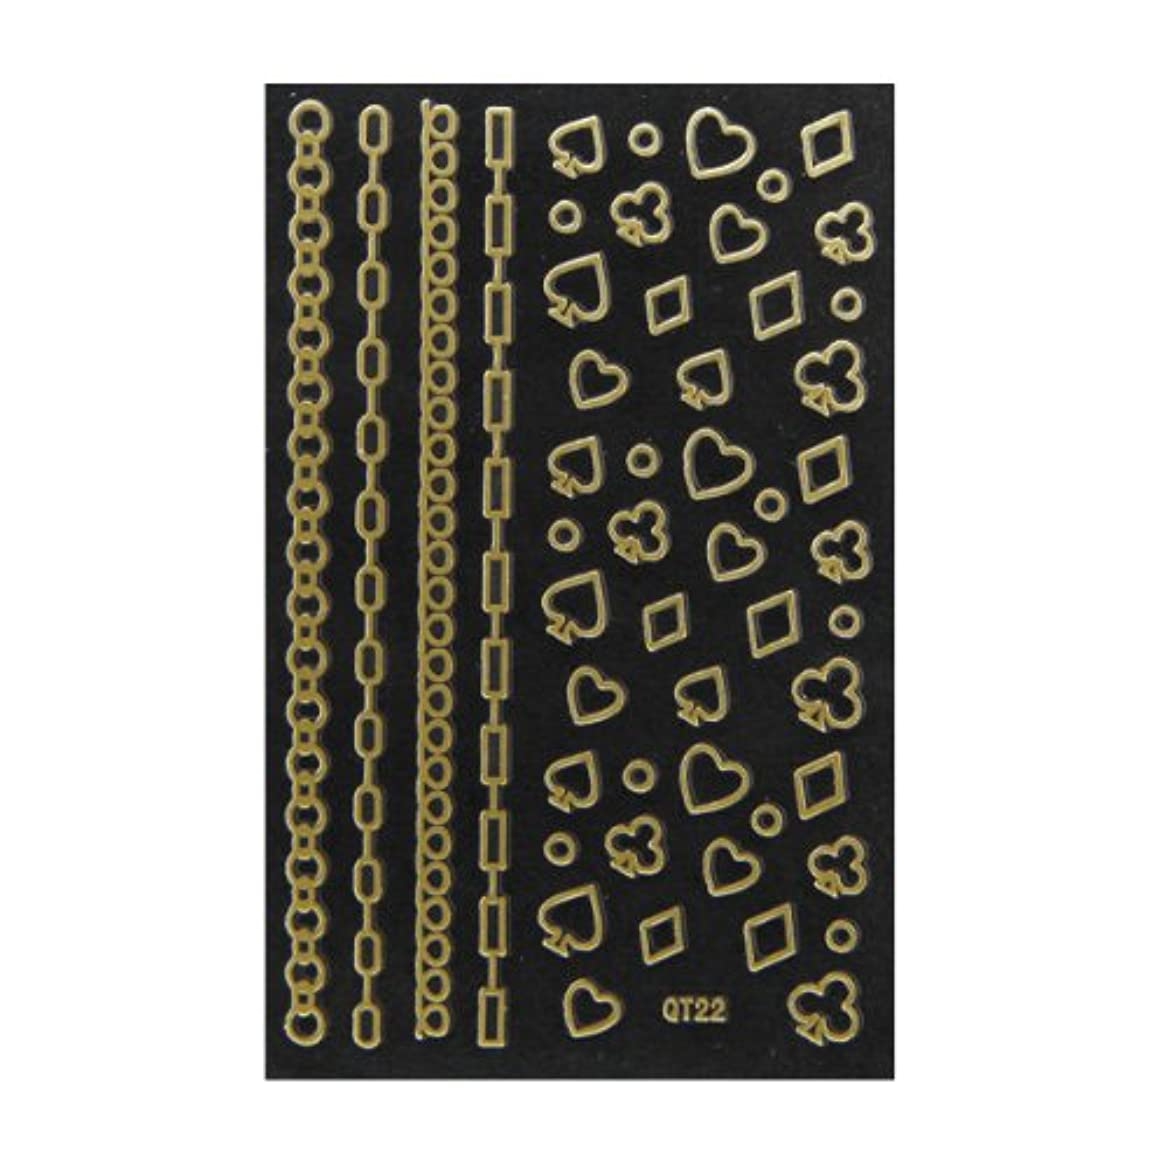 ラベルエキススリーブネイルシール 3D ネイルシート ファッションネイル メタリックシール22 (ネイル用品)